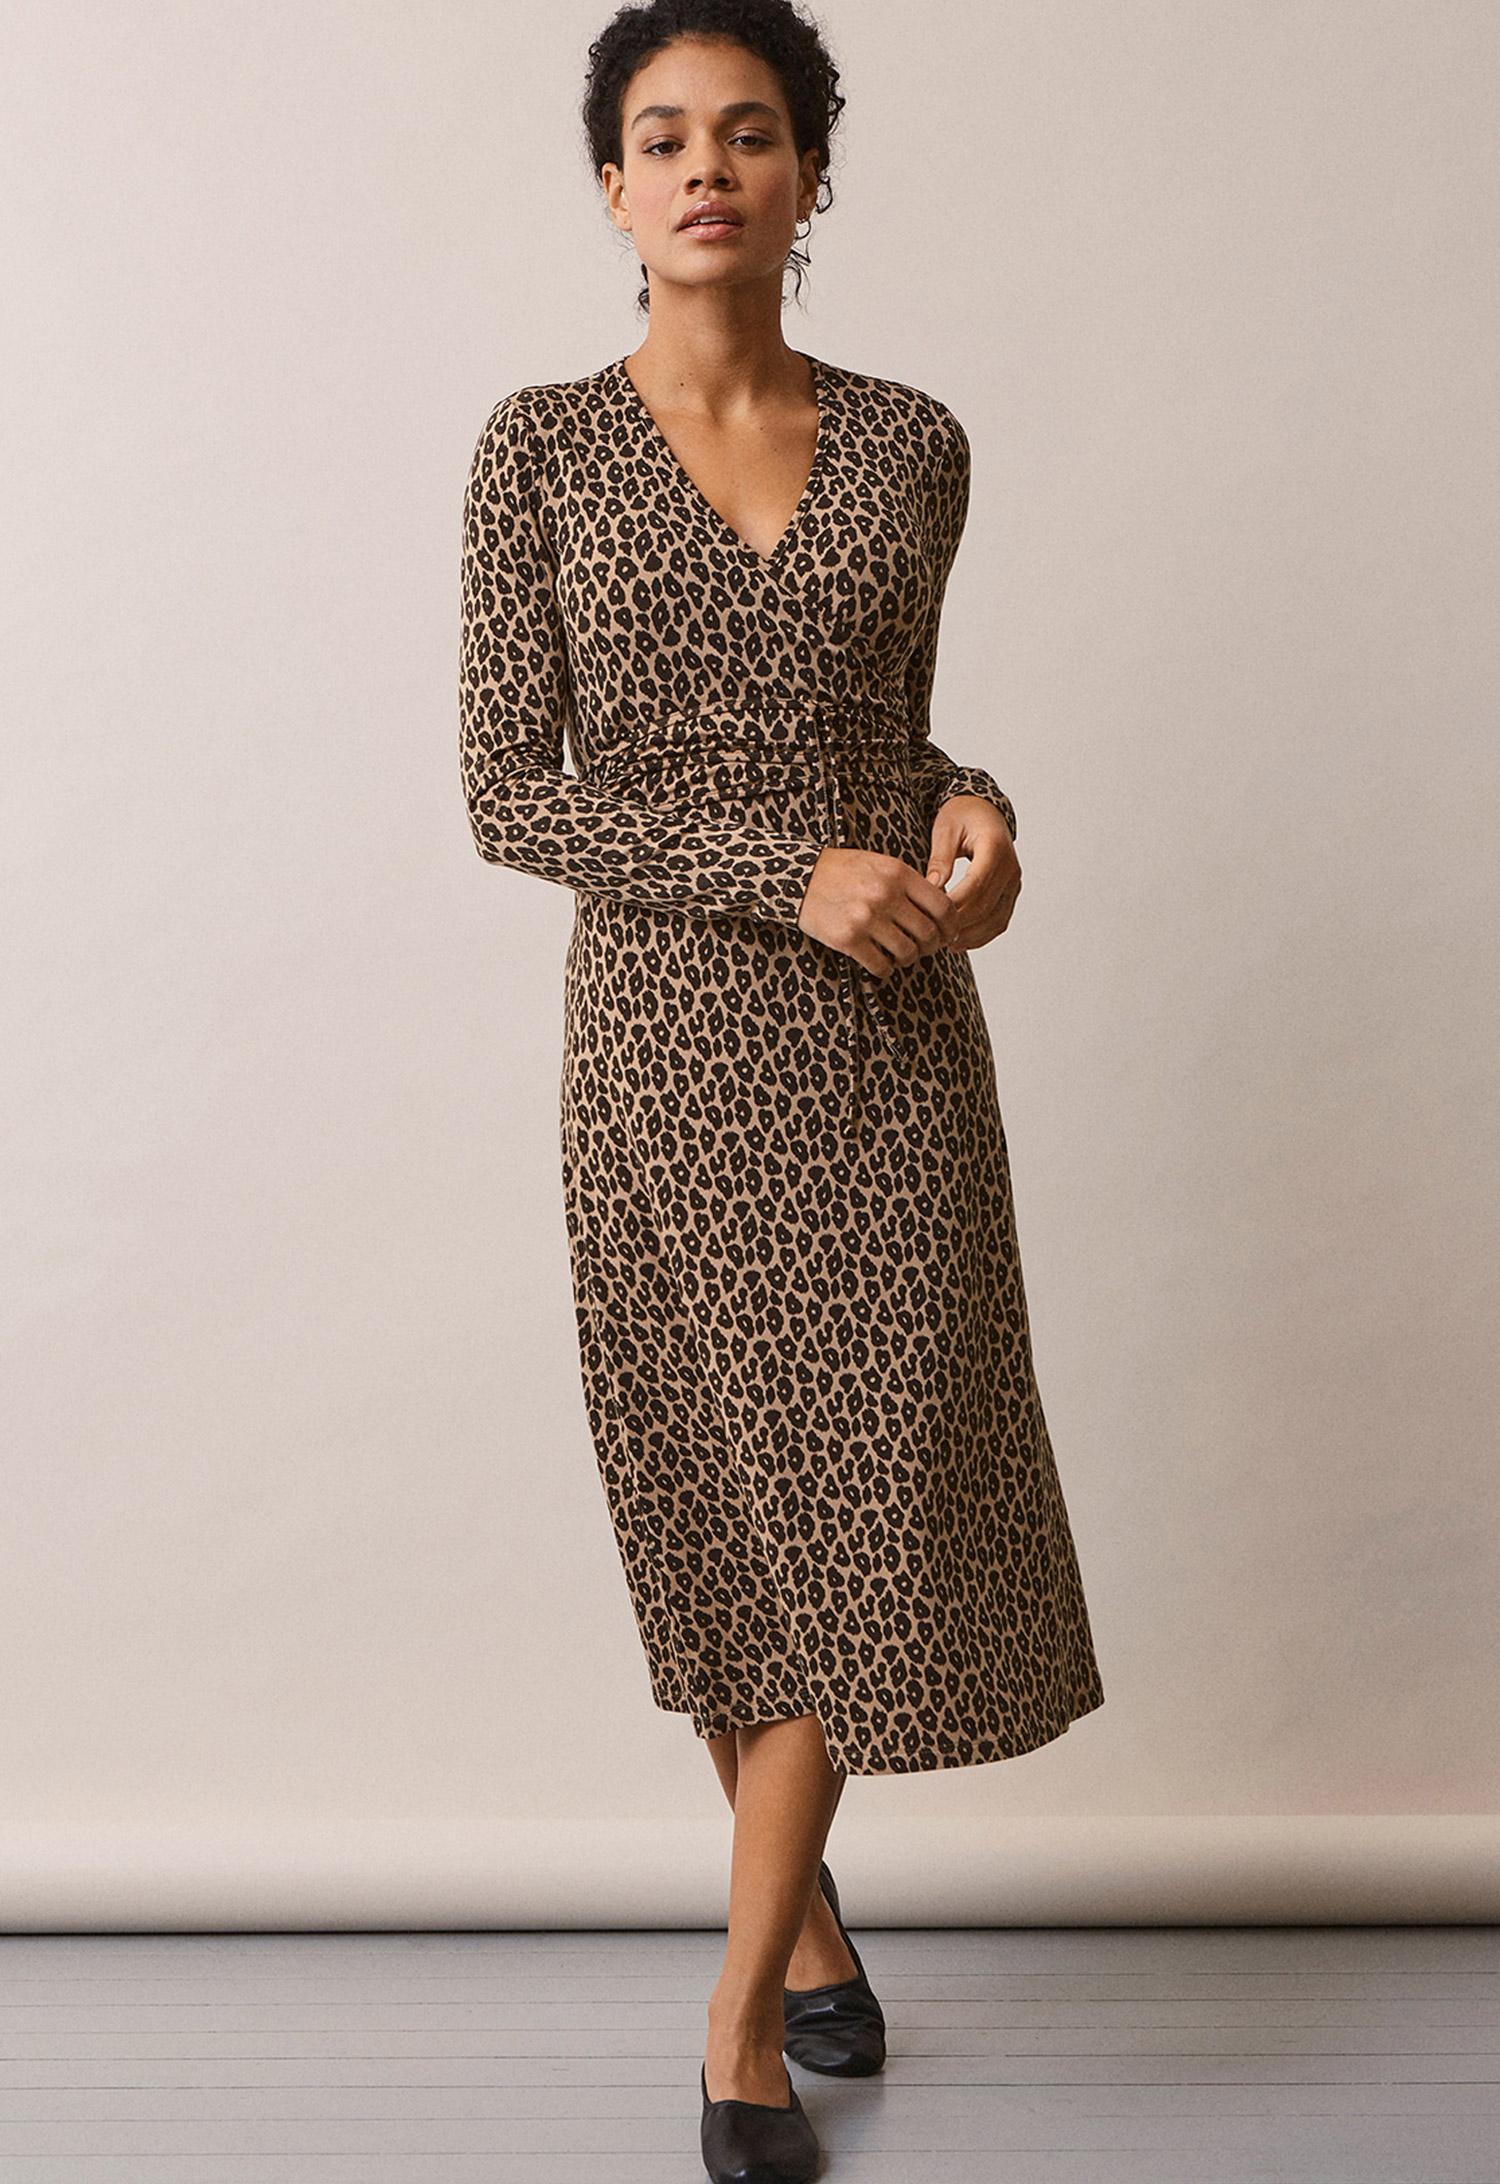 Leo omlott-klänning